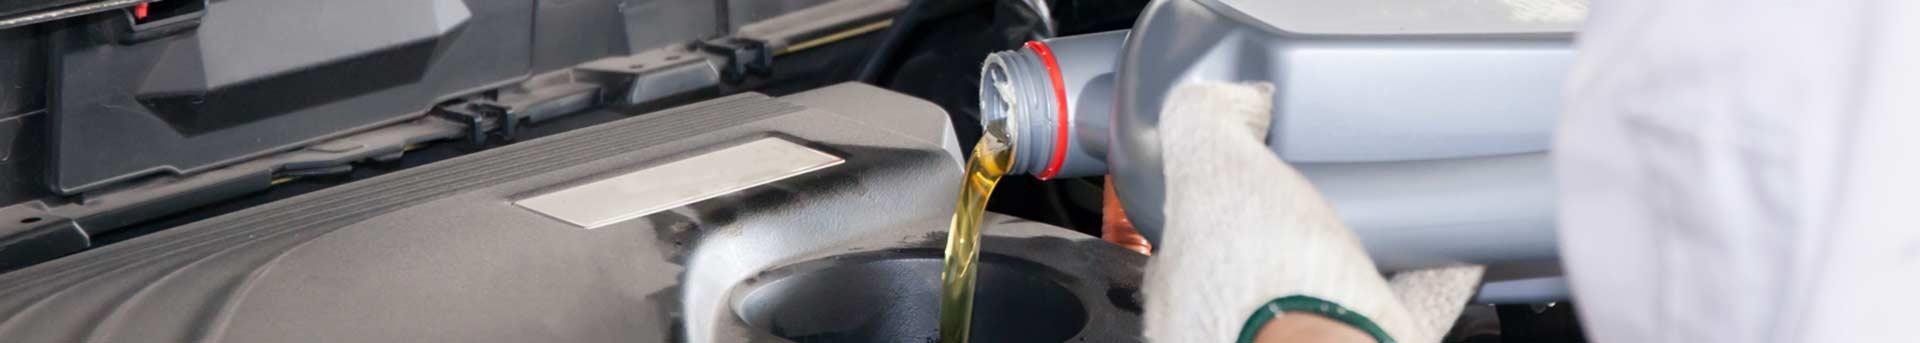 Oil Change in Charleston, SC